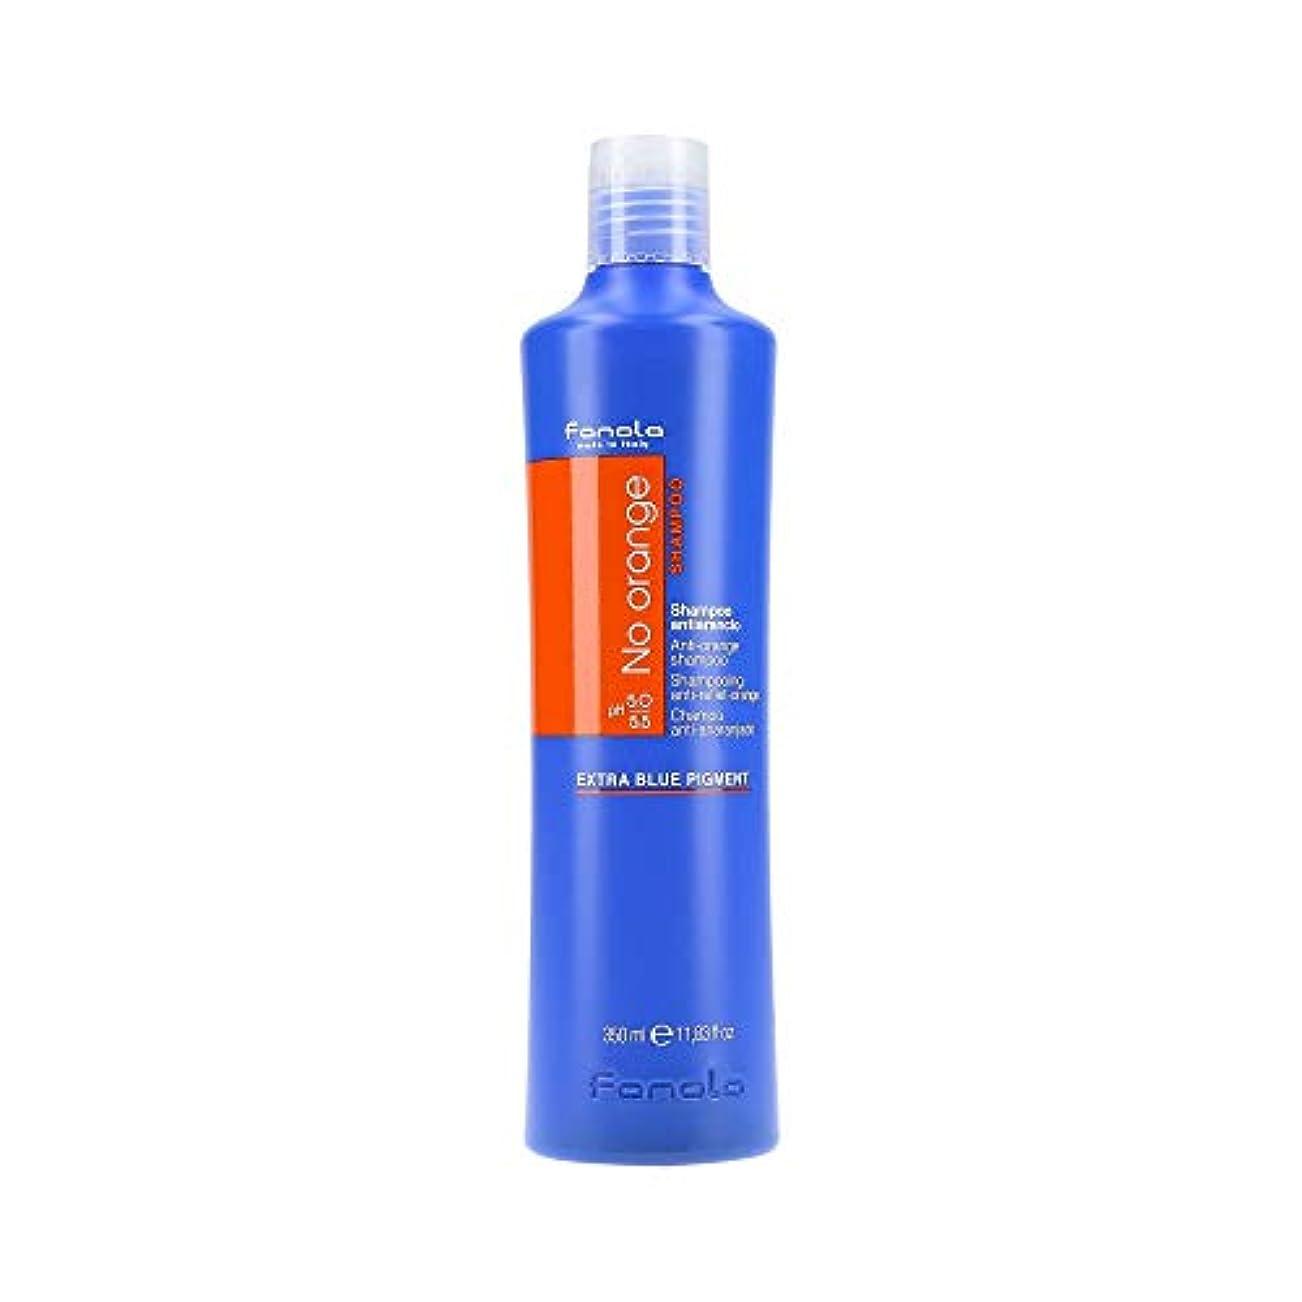 探す熱に対応ファノラ ノー オレンジ シャンプー Fanola No orange Shampoo - Anti-orange Shampoo 350 ml [並行輸入品]